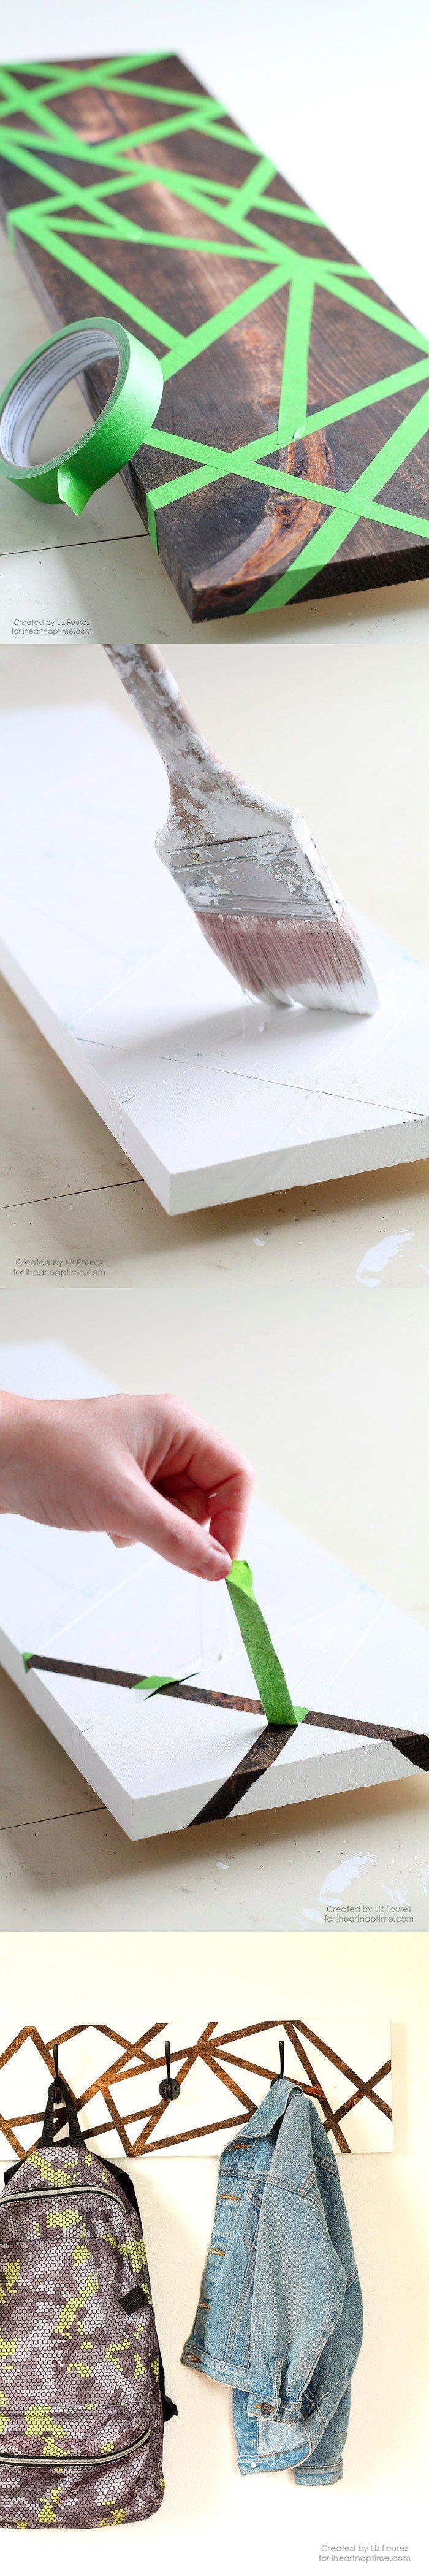 Faire des rayures en tout sens sur du bois et le peindre